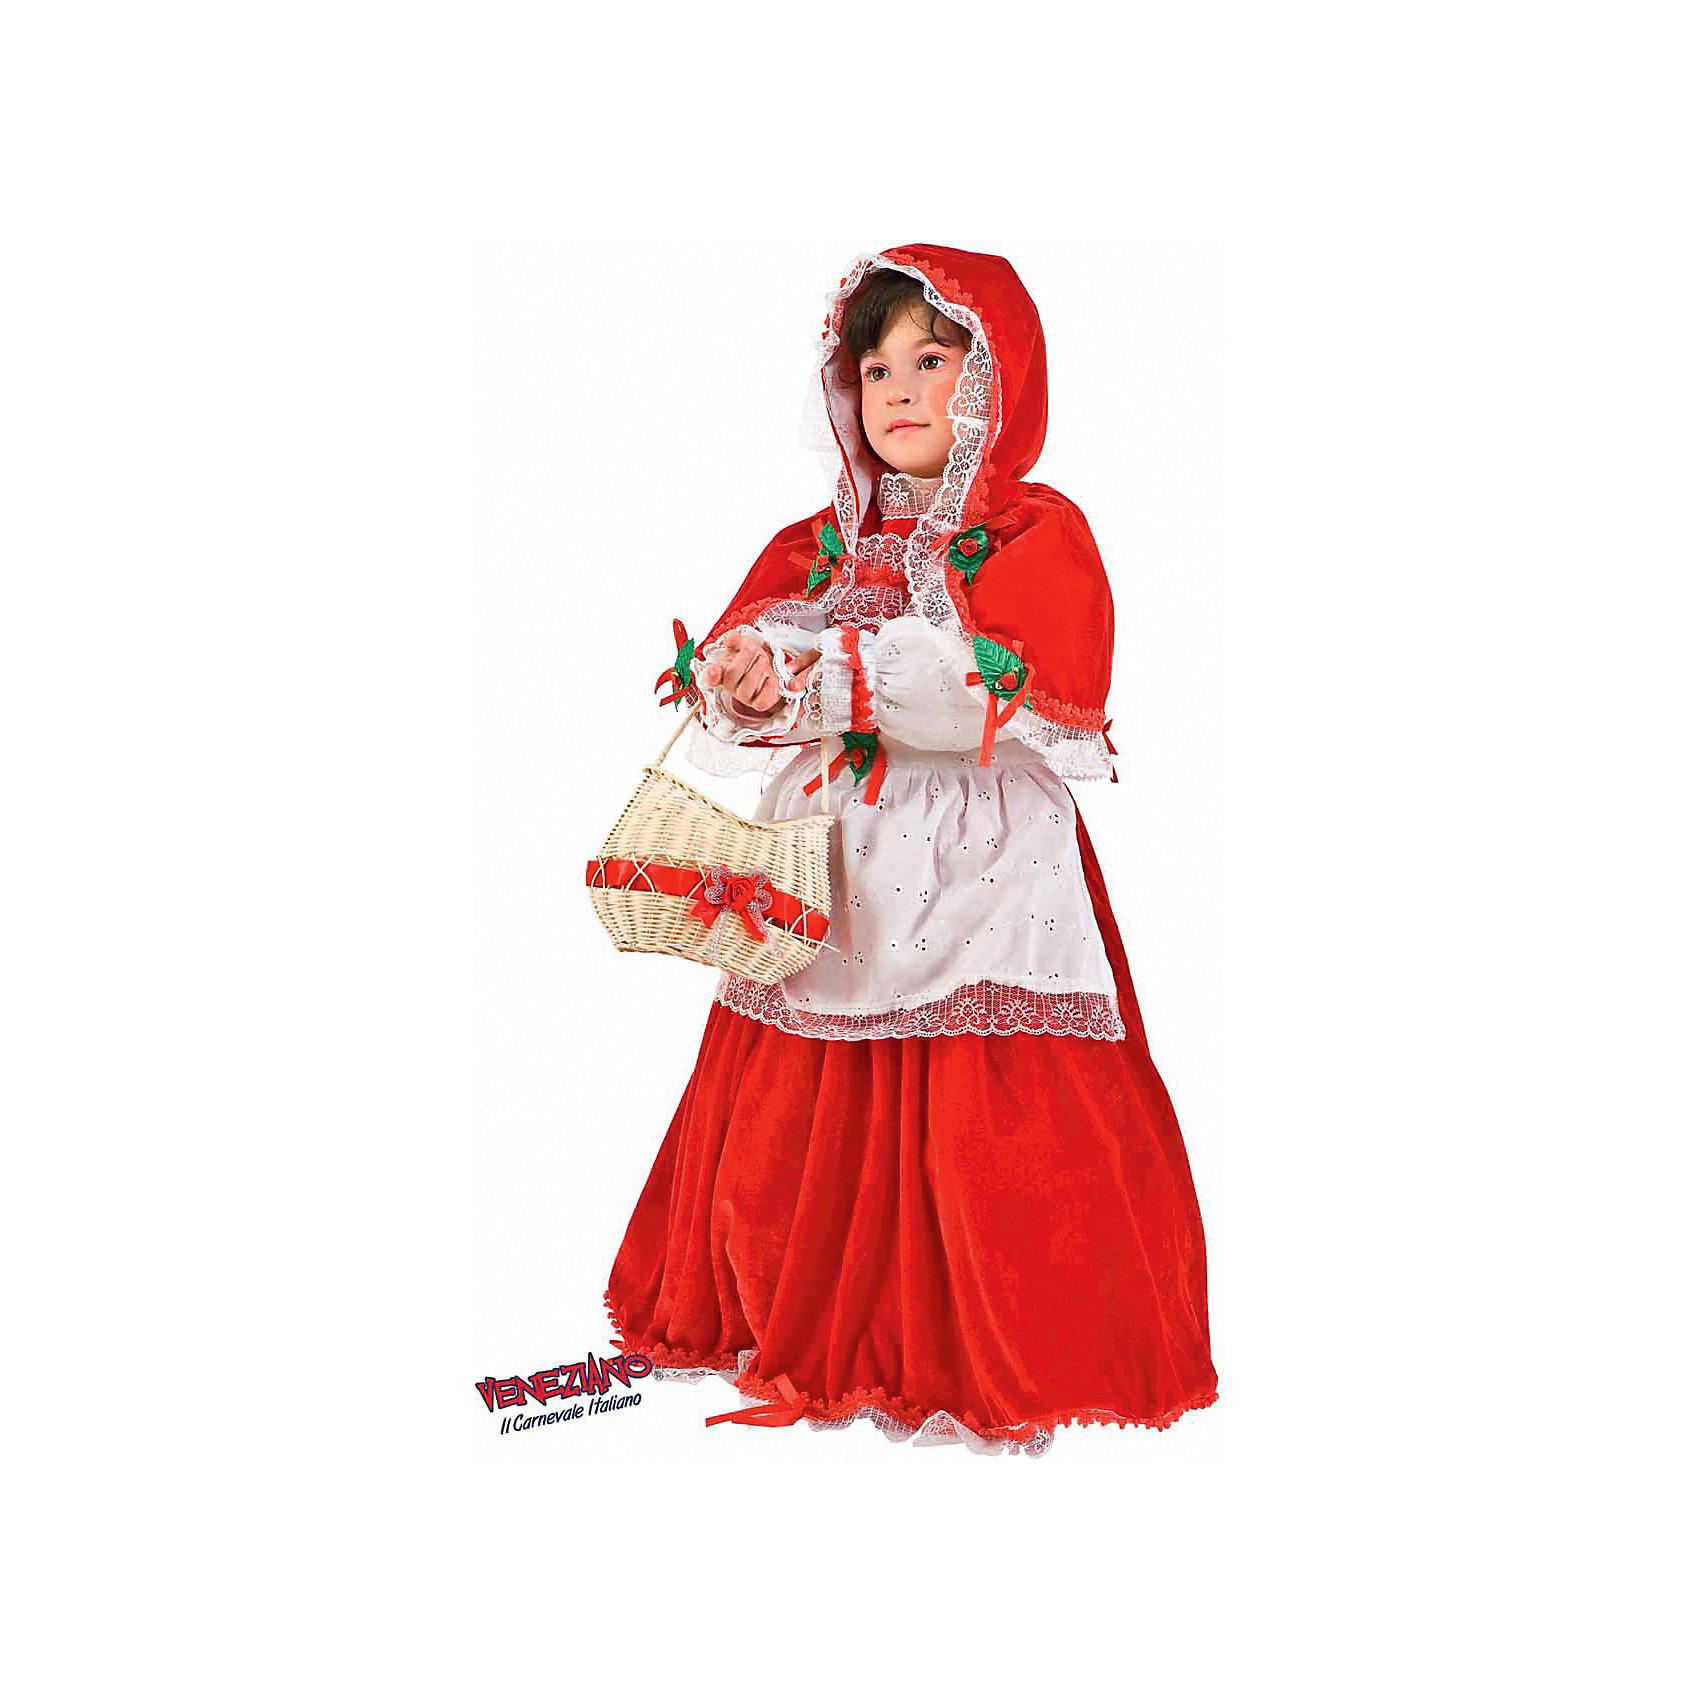 Карнавальный костюм Красная шапочка, 2 года (на рост 92 см), VenezianoКарнавальные костюмы для девочек<br>Карнавальный костюм Красная шапочка, 2 года, Veneziano (Венециано) – яркий, красивый итальянский костюм для Вашей малышки, который выполнен из высококачественных материалов. Этот костюм полностью укомплектован аксессуарами, что позволит целиком погрузиться в атмосферу сказки и волшебства. <br><br>Комплектация:<br>- платье с подъюбником<br>- накидка с капюшоном<br>-фартук<br>- корзинка<br><br>Дополнительная информация:<br>- на рост 92 см<br>- Материал: бархат, кружево<br>- Упаковка: красивая подарочная коробка<br><br>Карнавальный костюм Красная шапочка, 2 года, Veneziano (Венециано) сделает Вашу маленькую девочку главной героиней праздника. <br><br>Карнавальный костюм Красная шапочка, 2 года, Veneziano (Венециано) можно купить в нашем магазине.<br><br>Ширина мм: 300<br>Глубина мм: 80<br>Высота мм: 400<br>Вес г: 500<br>Возраст от месяцев: 24<br>Возраст до месяцев: 36<br>Пол: Женский<br>Возраст: Детский<br>SKU: 3487401